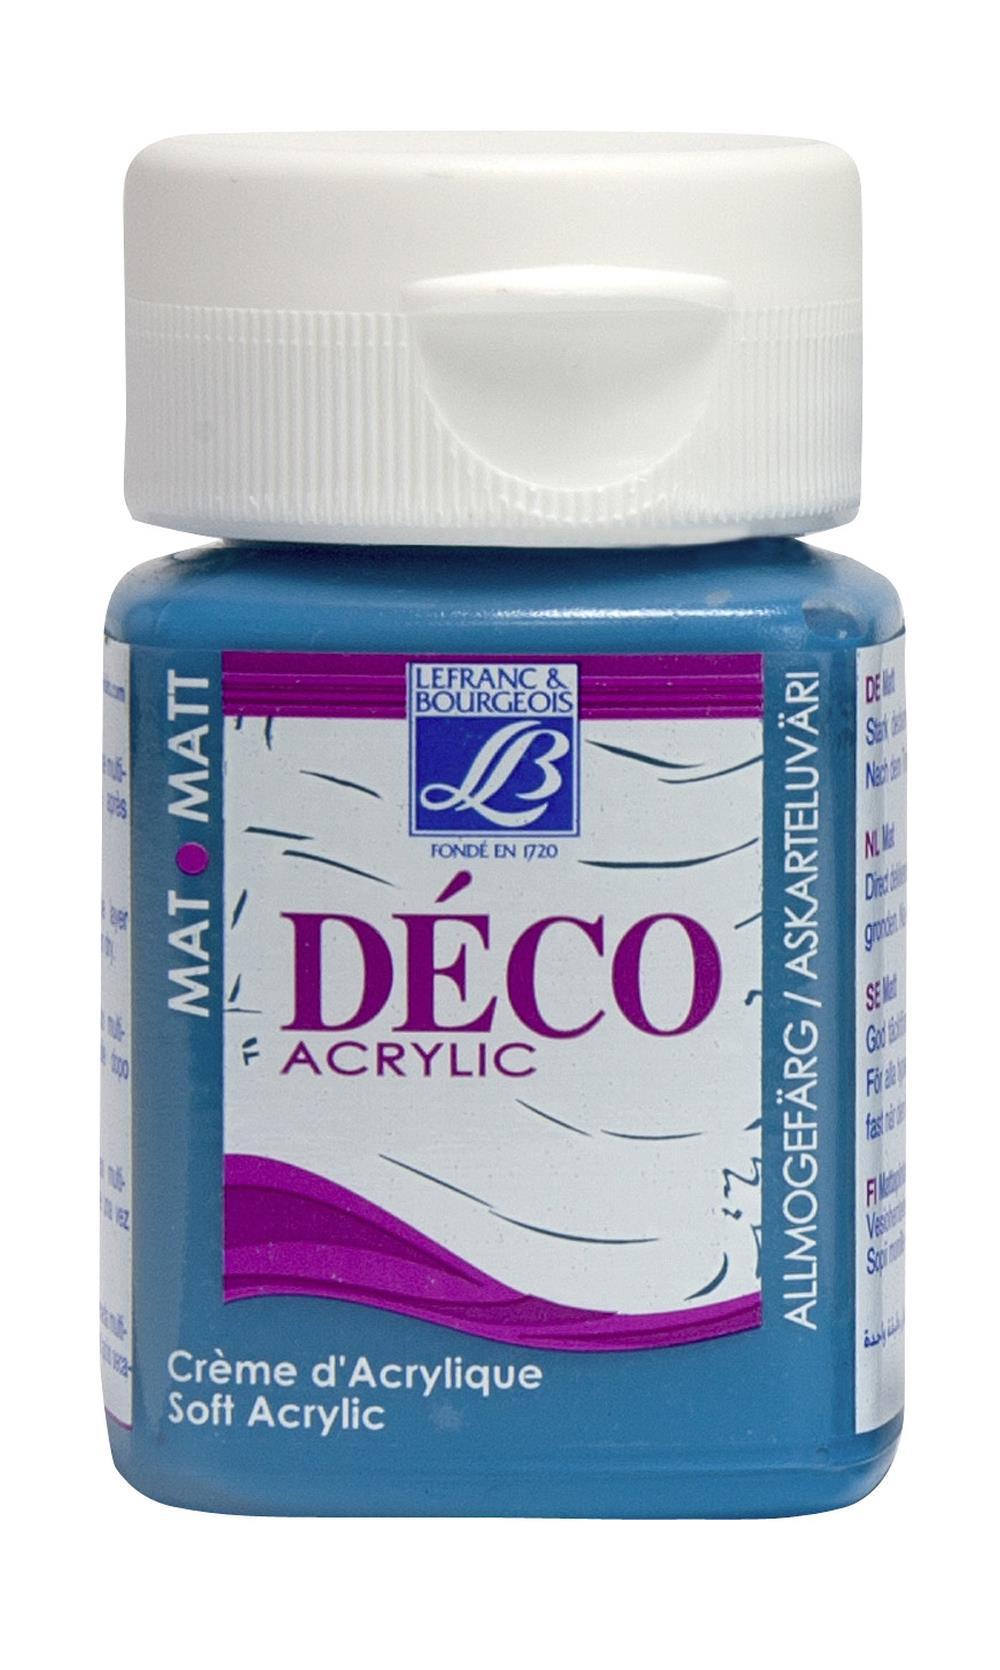 Hobbyfärg L&B Deco Matt Akryl 50ml Turquoise warm 058 (4F)